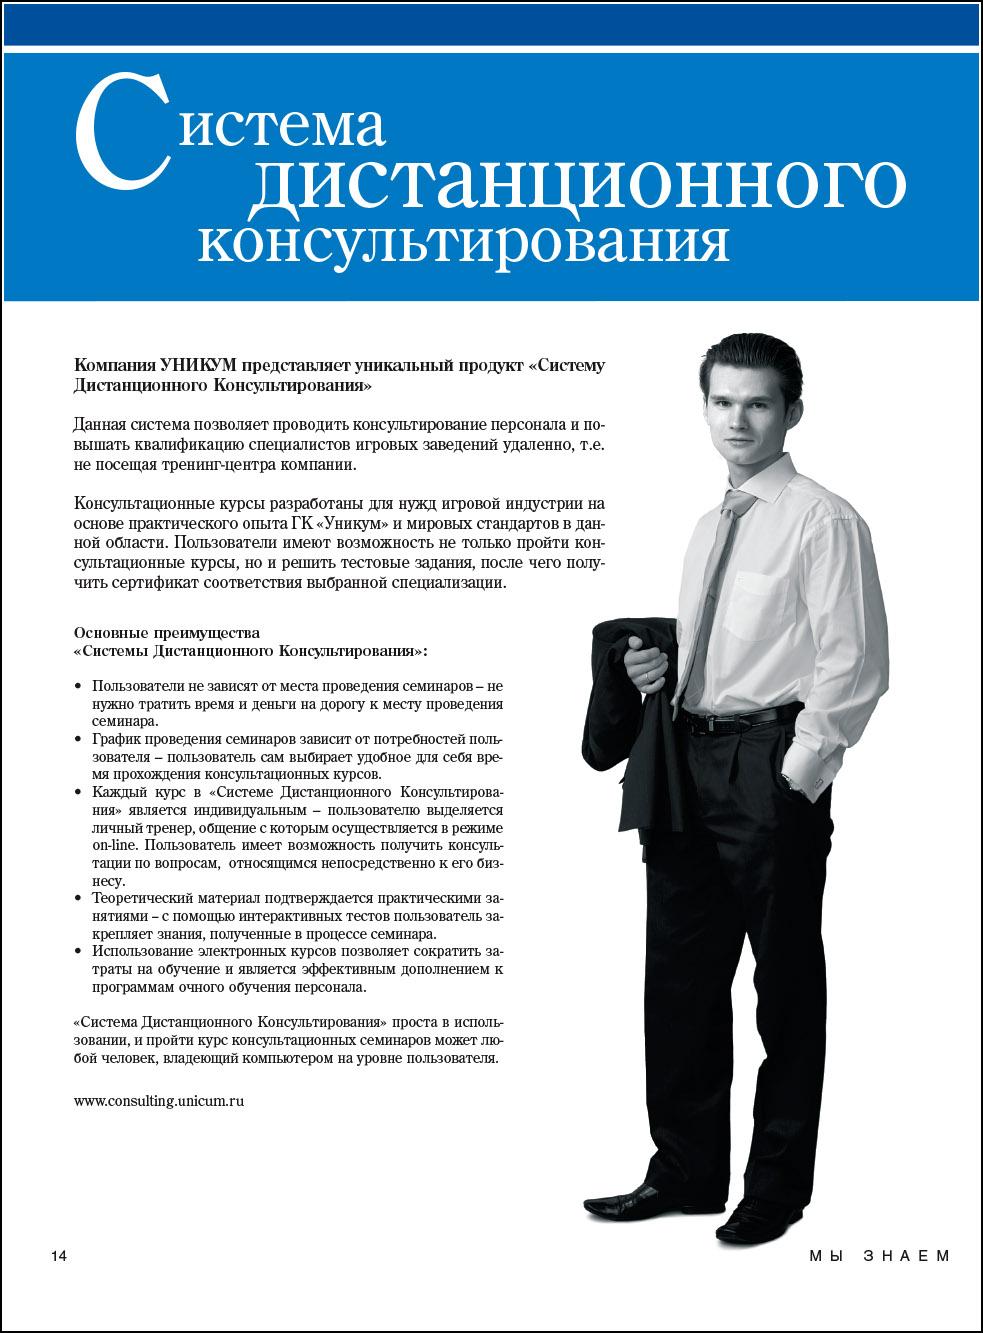 Семенов Александр. Портфолио